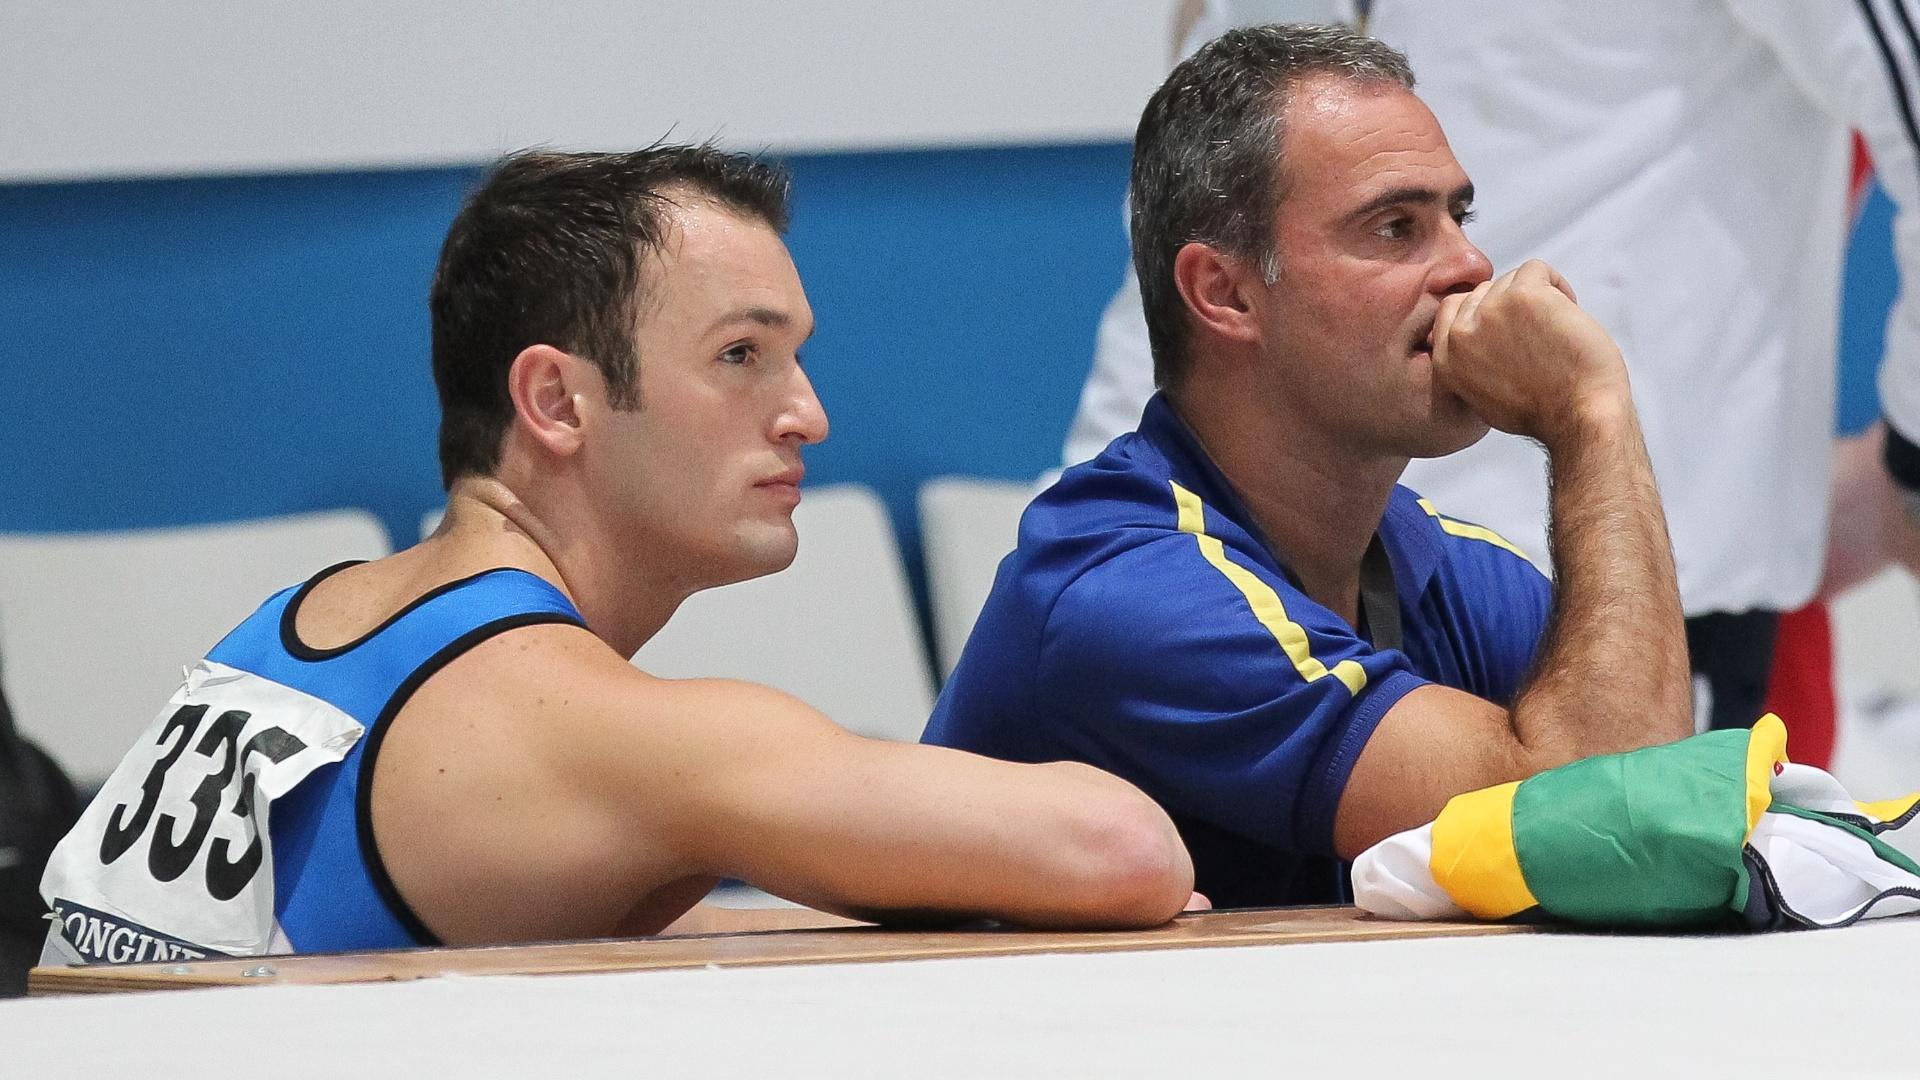 05.10.2013 - Diego Hypolito fica com cara fechada ao lado de seu técnico após sua apresentação no solo